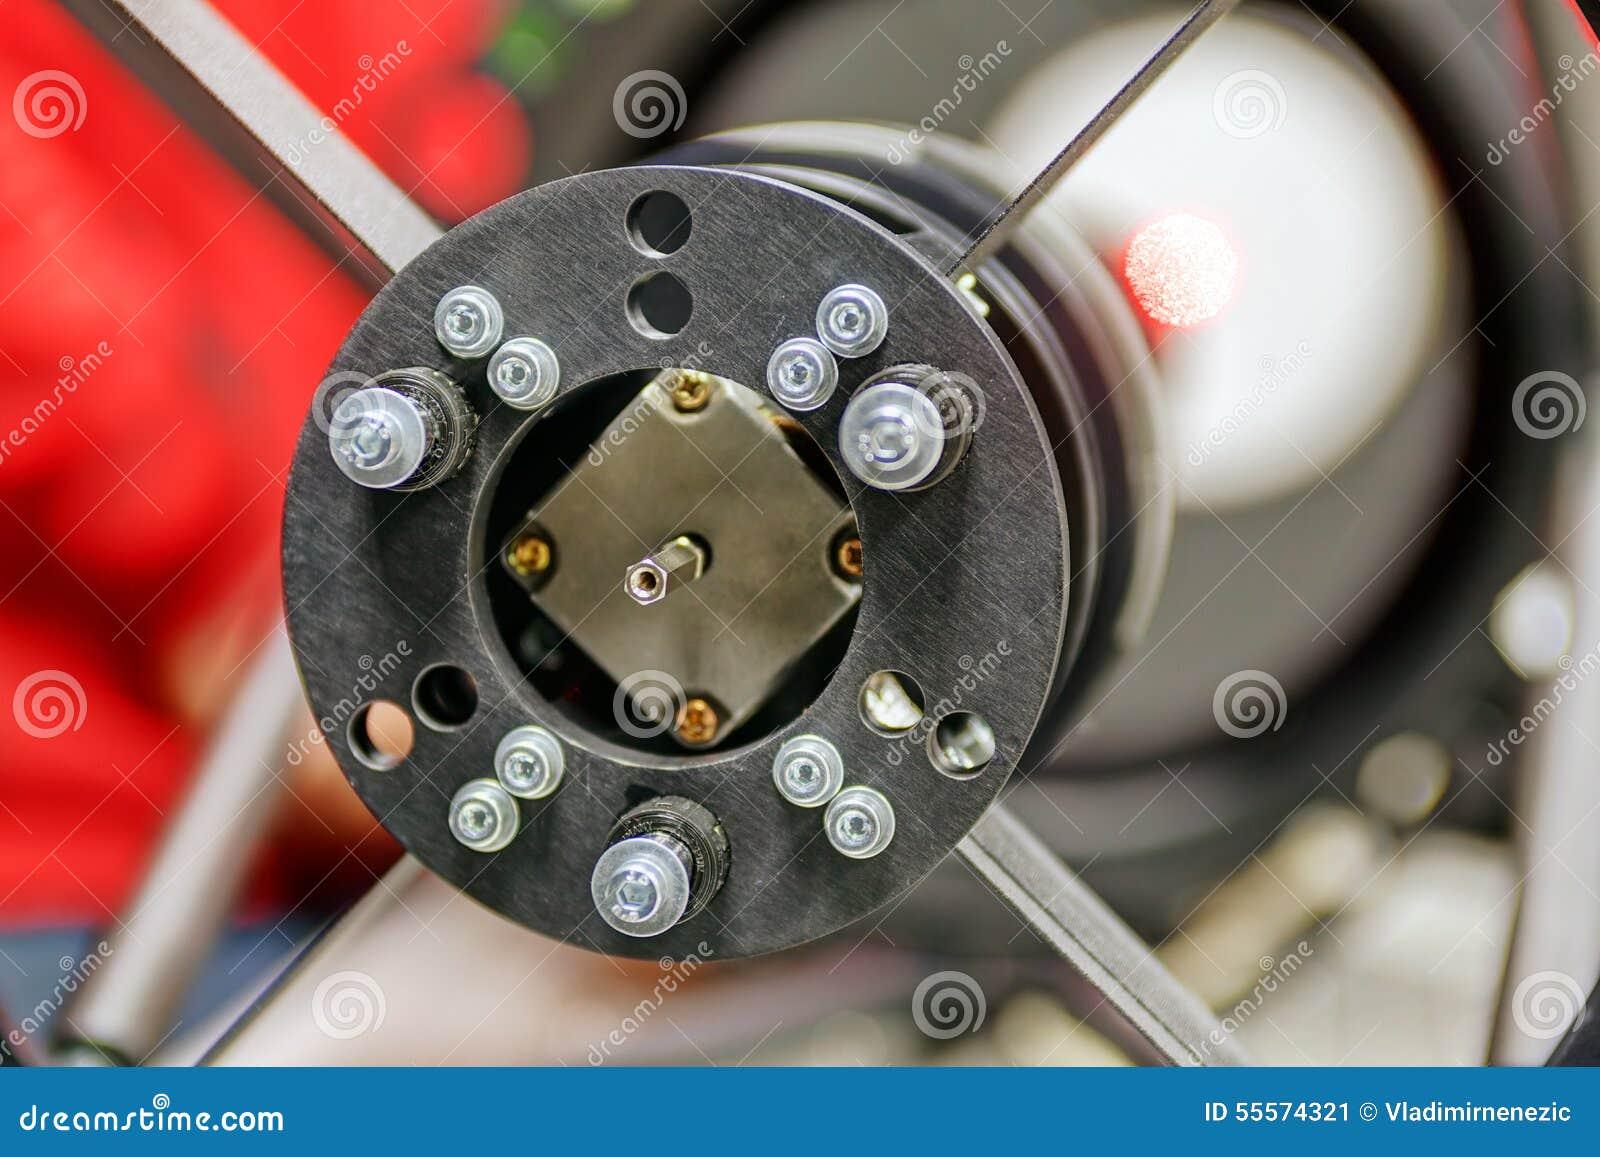 Teleskop kleinen ritcheyâu20ac u201echretien im labor stockbild bild von